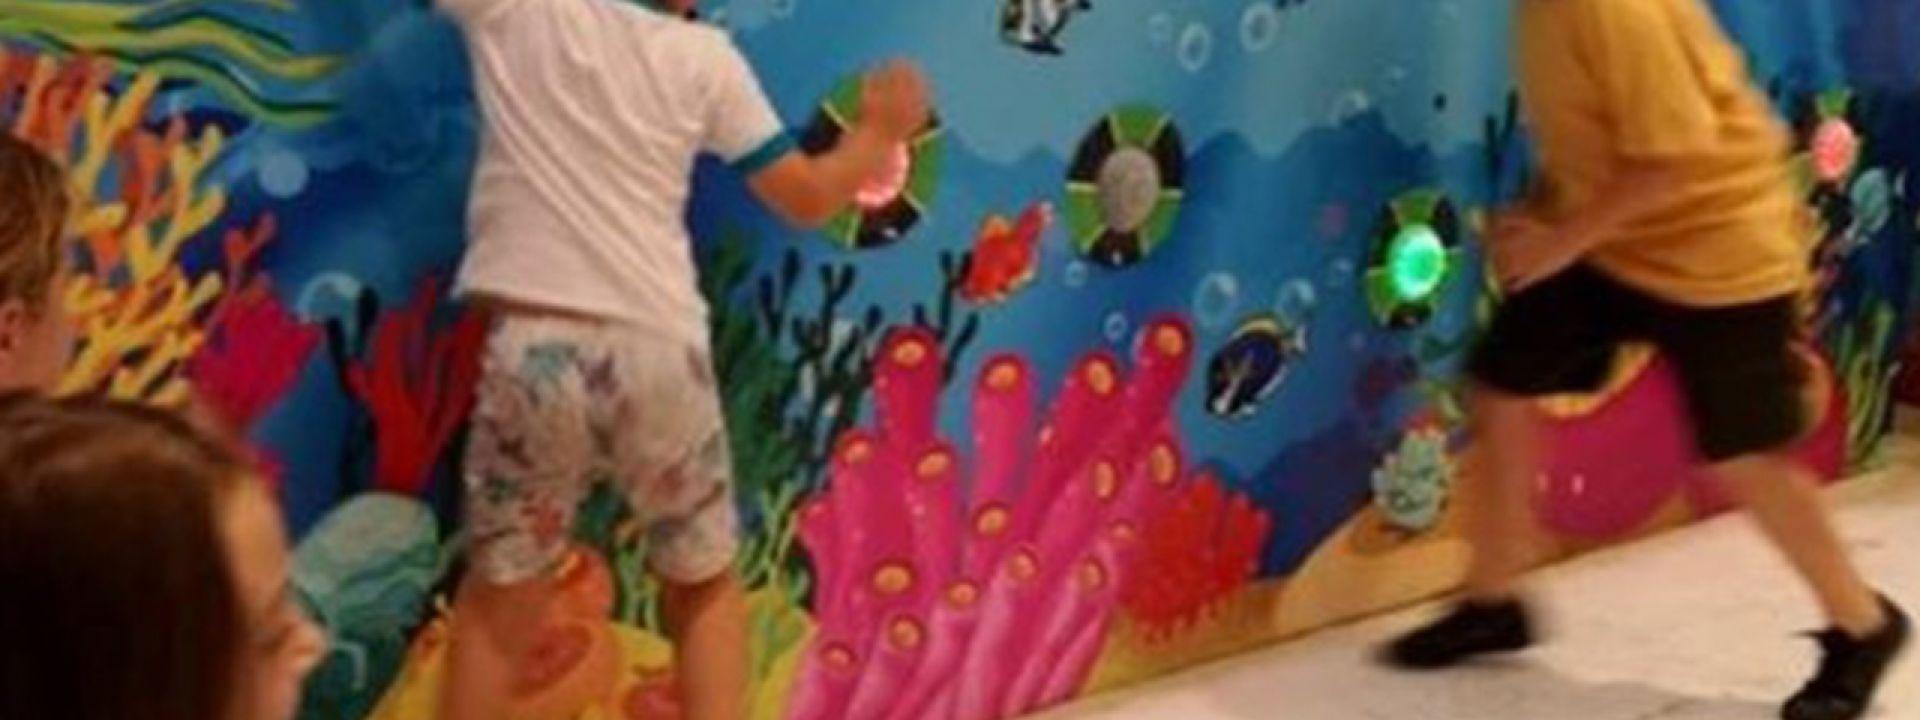 Φωτογραφία με παιδιά που παίζουν σε interactive wall